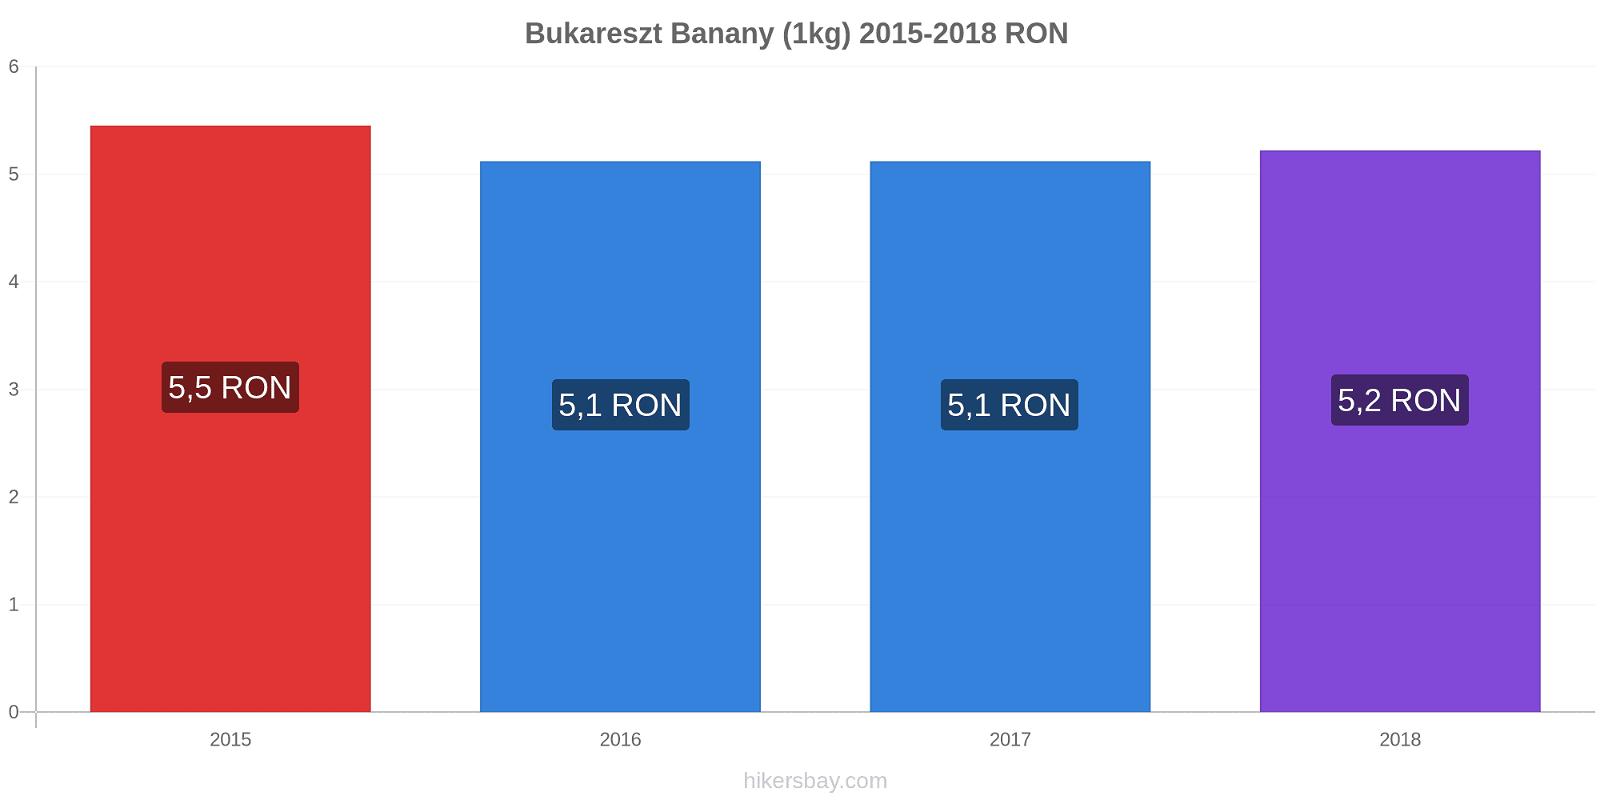 Bukareszt zmiany cen Banany (1kg) hikersbay.com